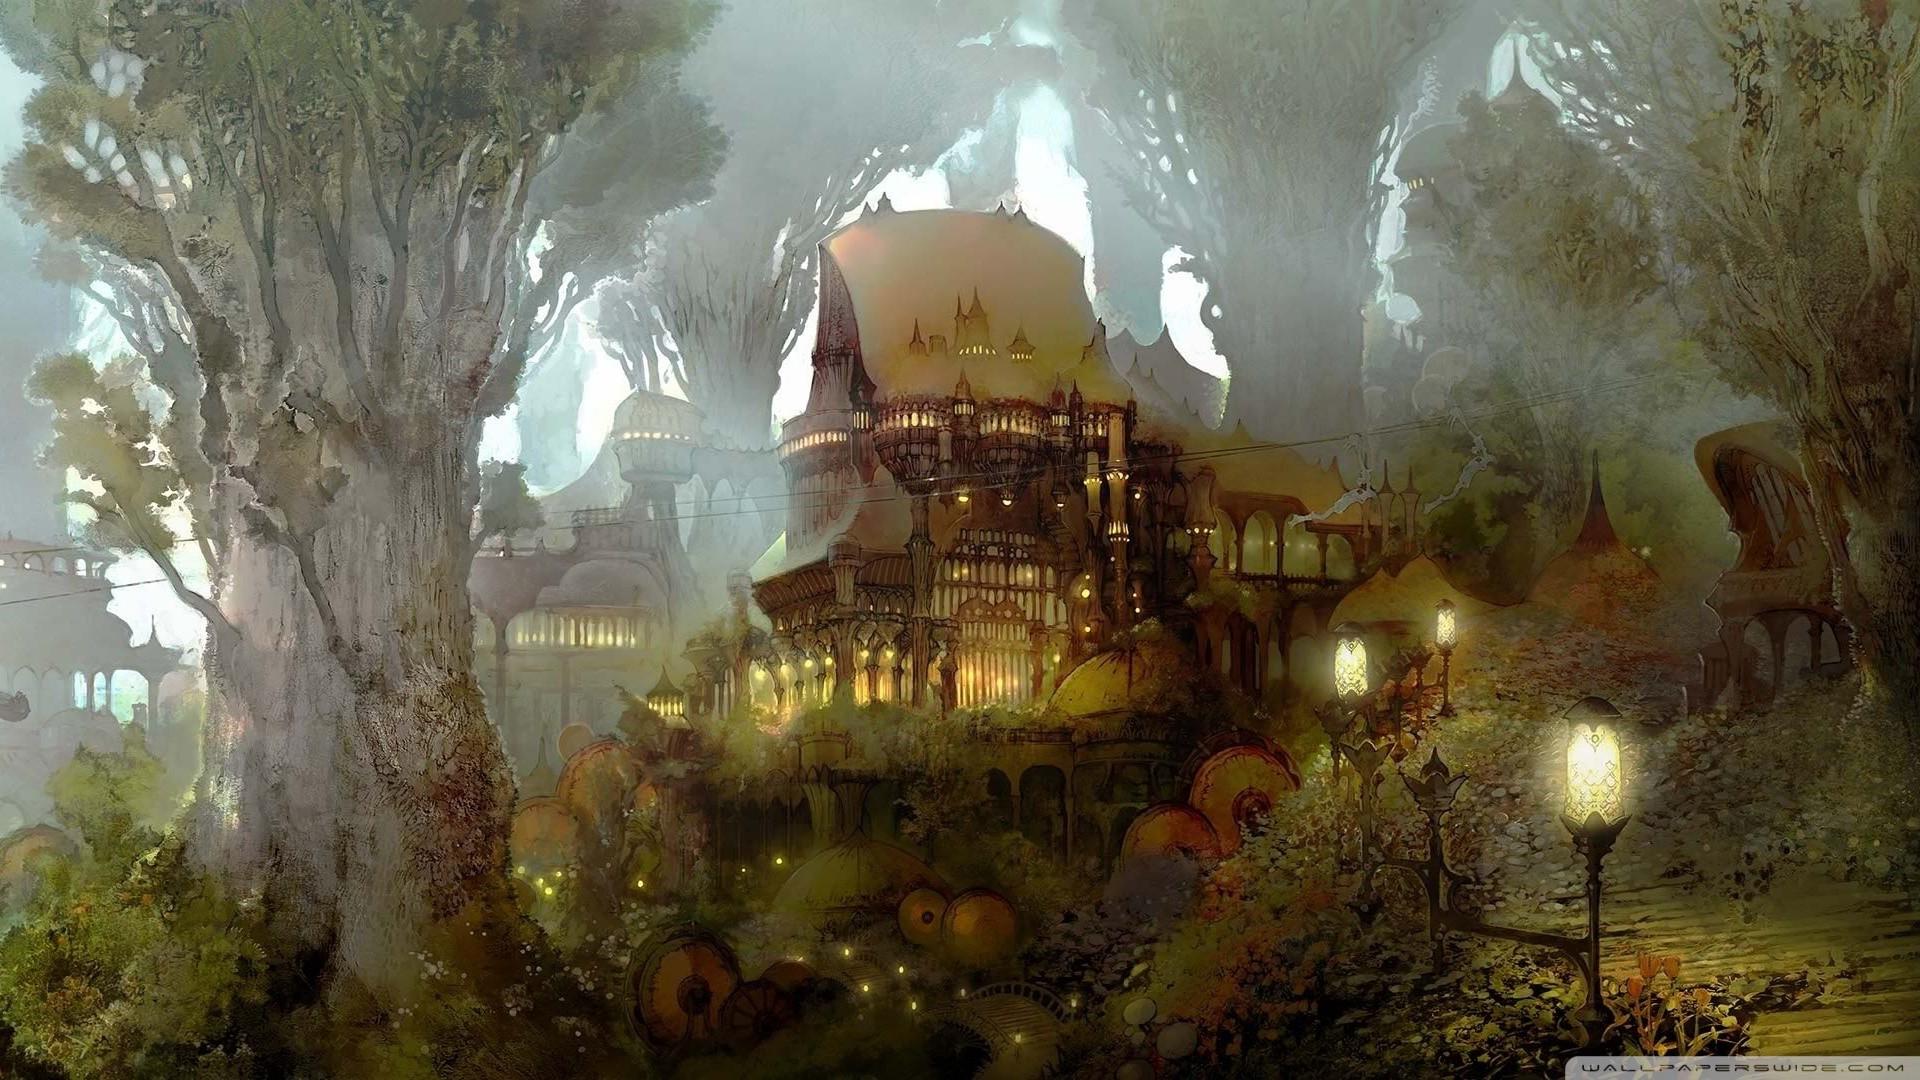 Final Fantasy Fantasy Art Wallpaper 1920x1080 226897